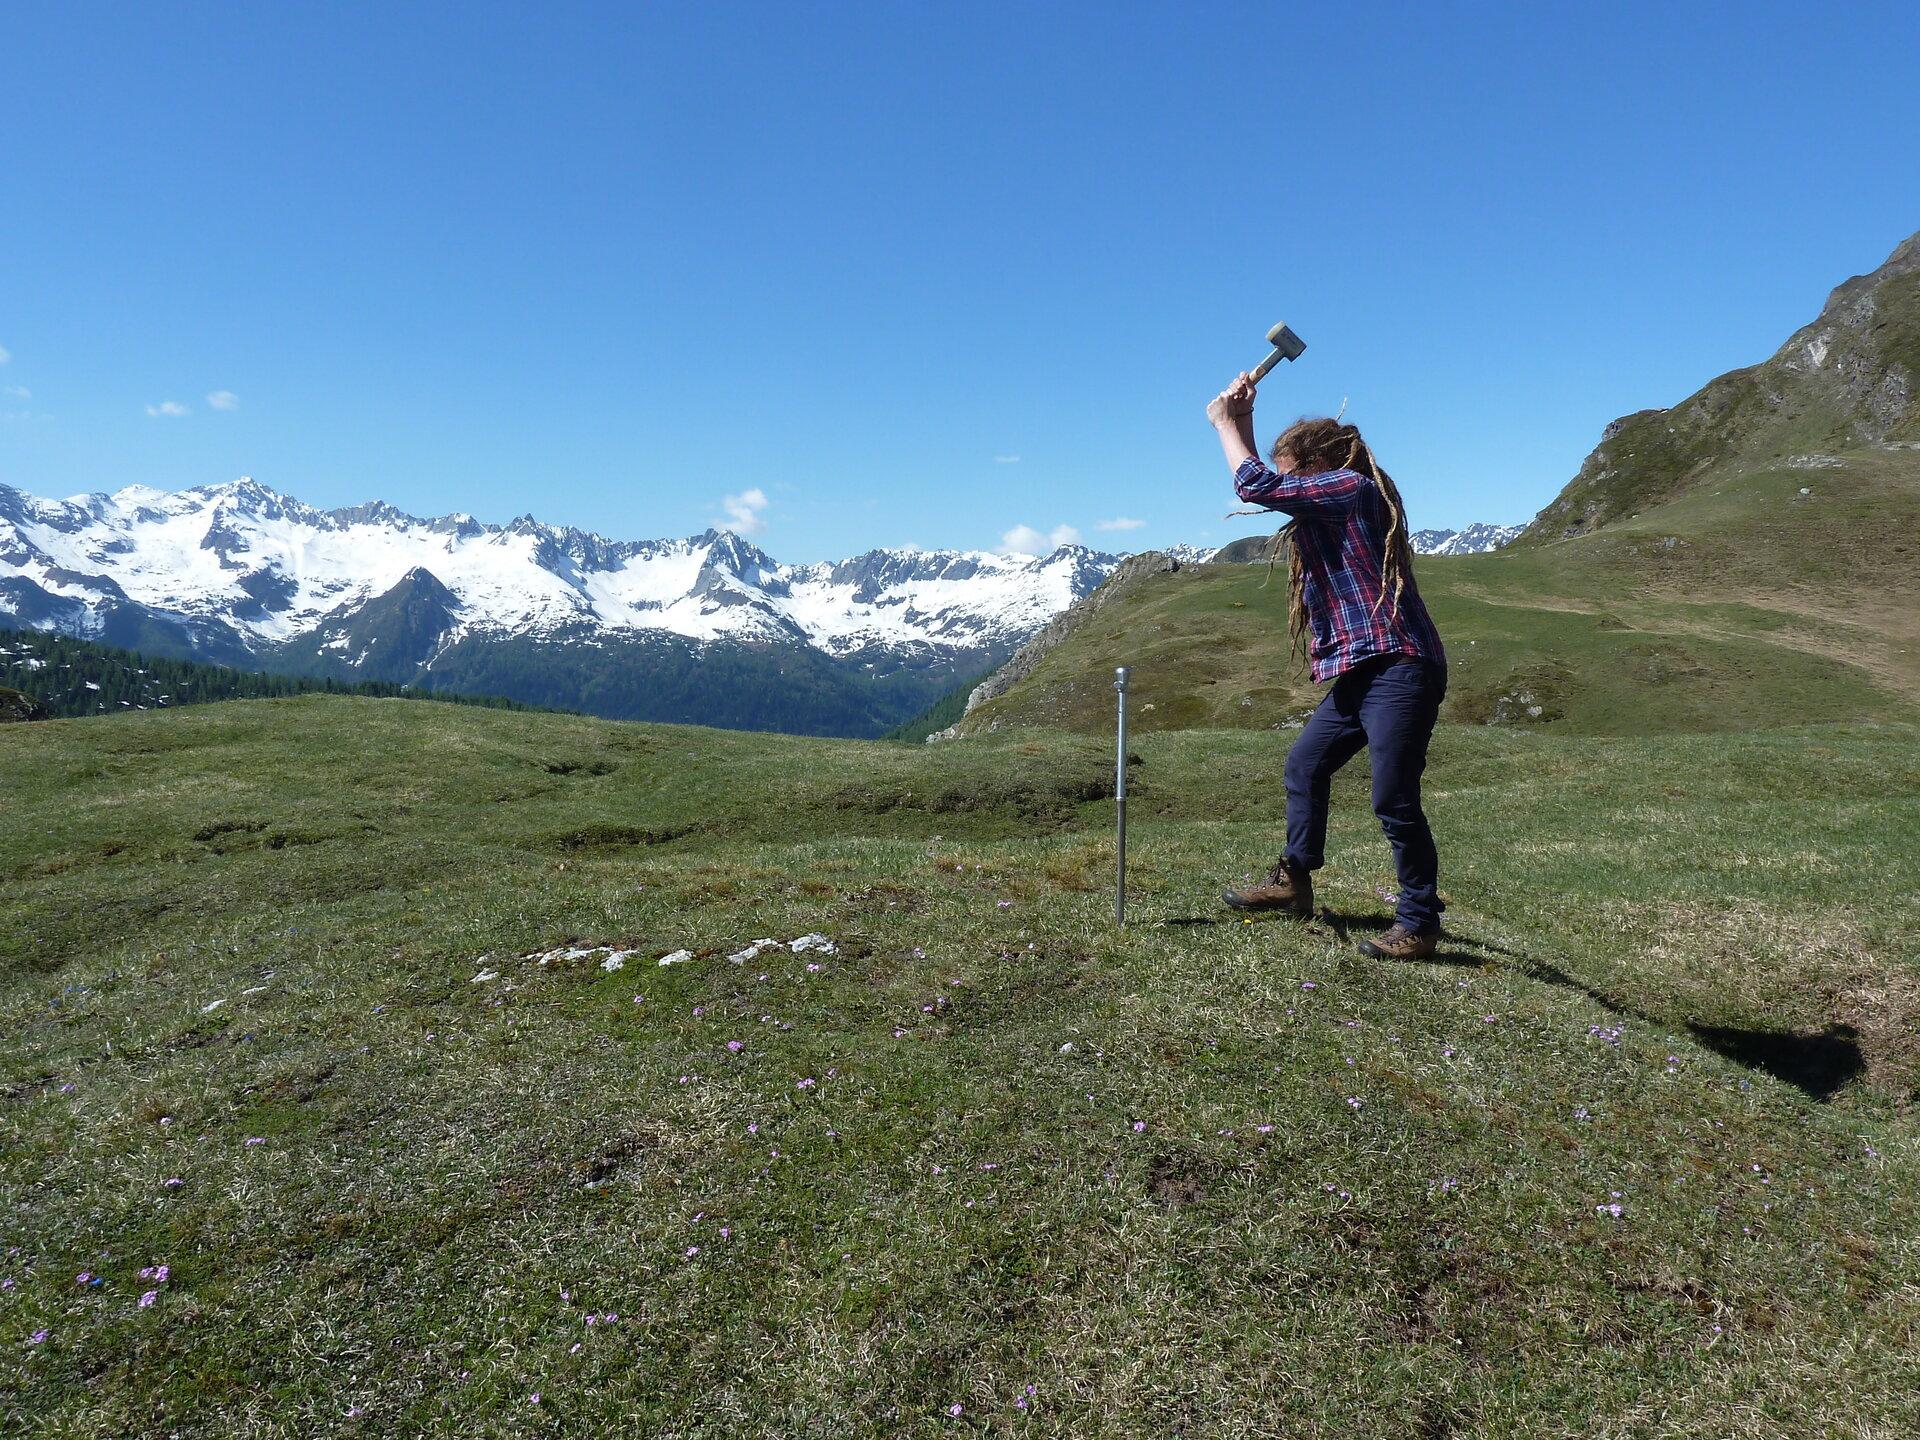 Probenahme in den Alpen